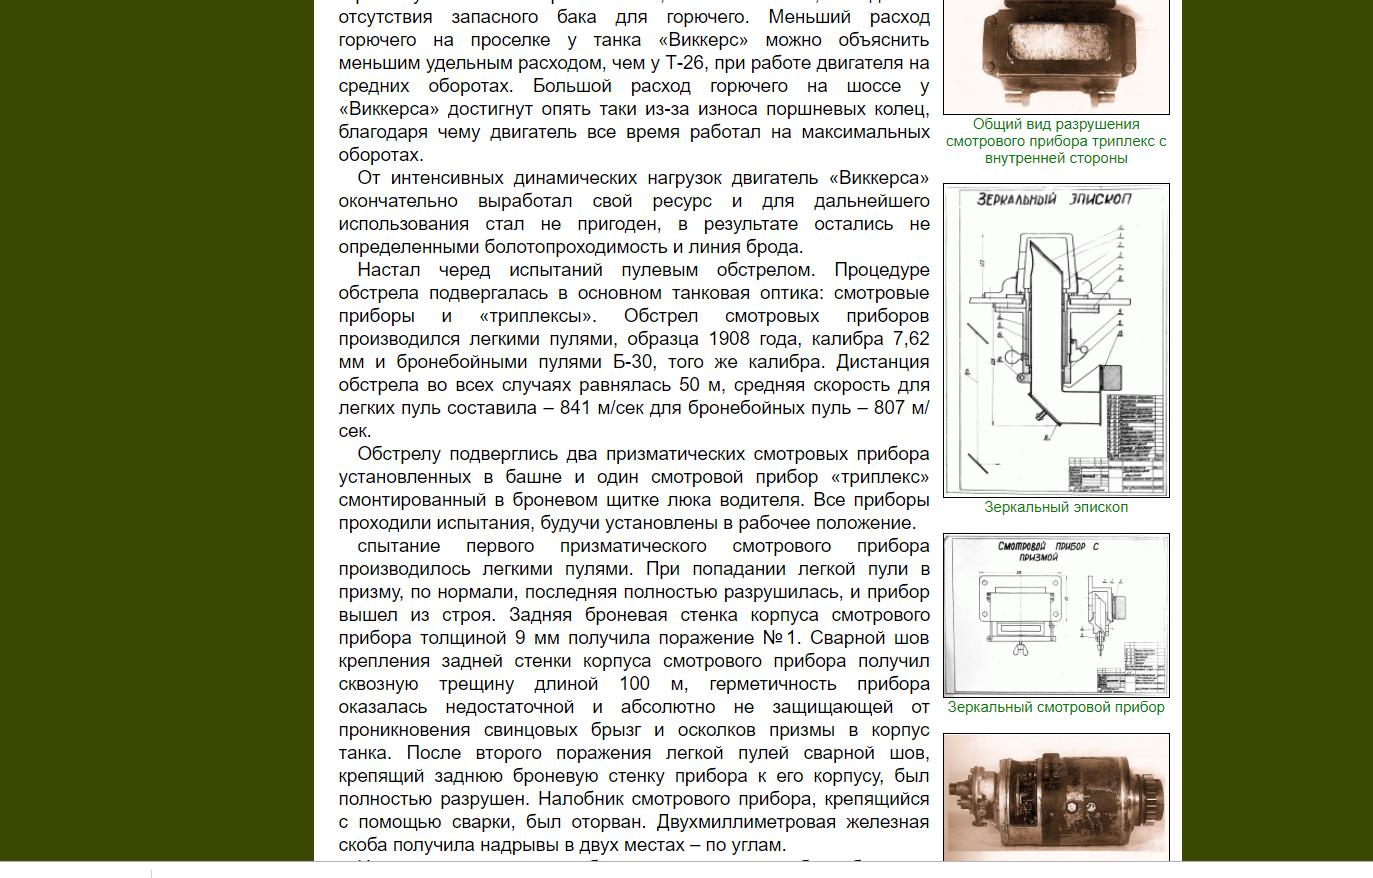 https://images.vfl.ru/ii/1551878240/384e3d22/25659924.png